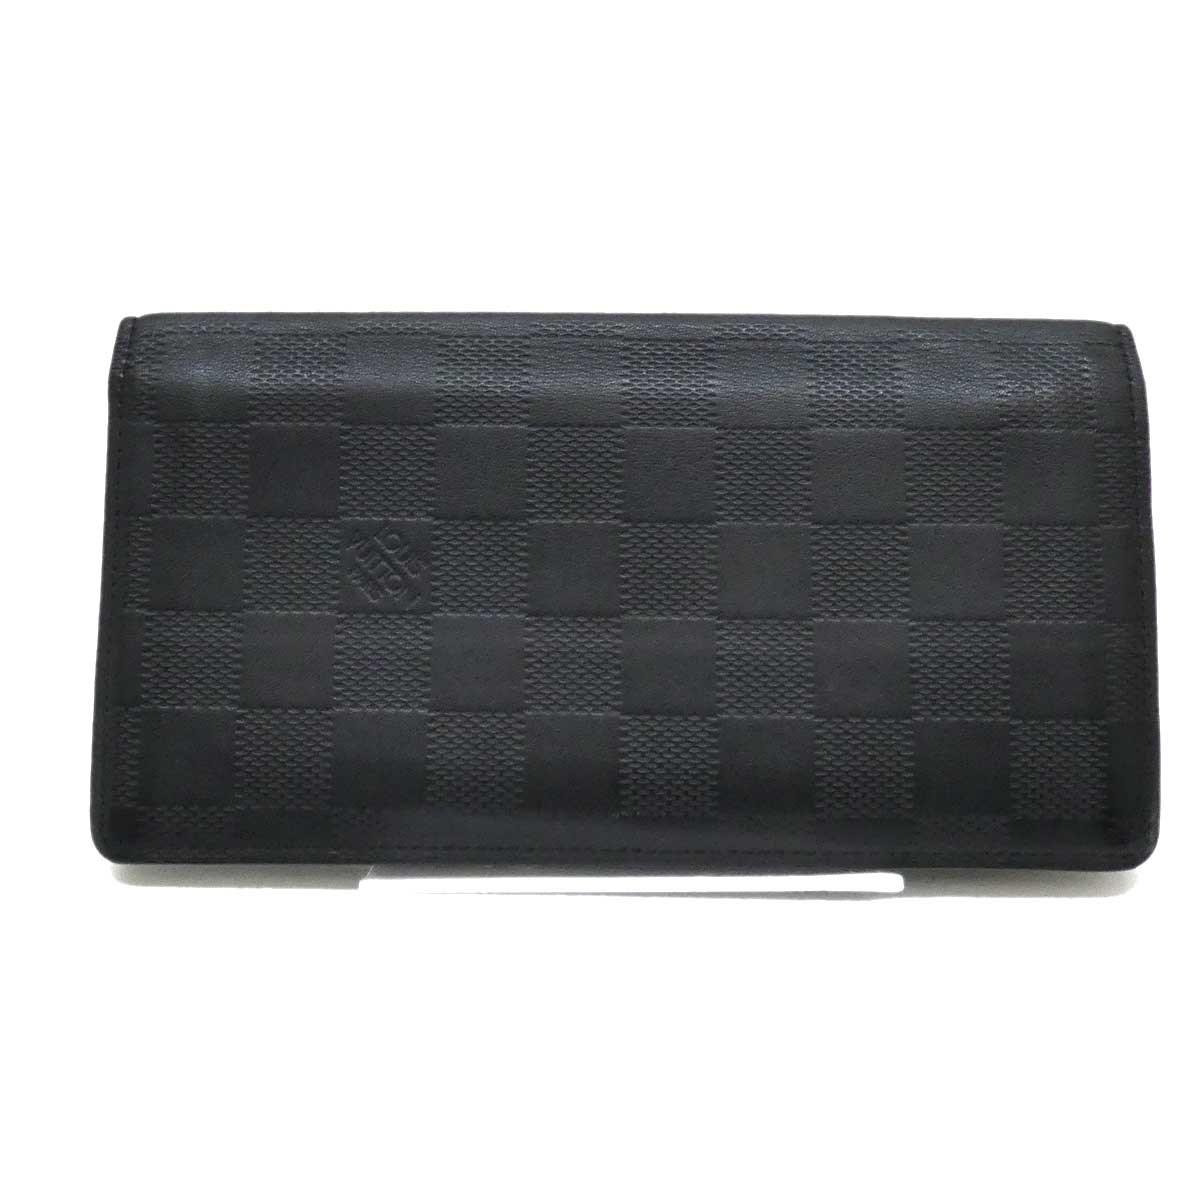 【中古】LOUIS VUITTON レザーダミエアンフィニ N63010 長財布 ブラック 【250819】(ルイヴィトン)